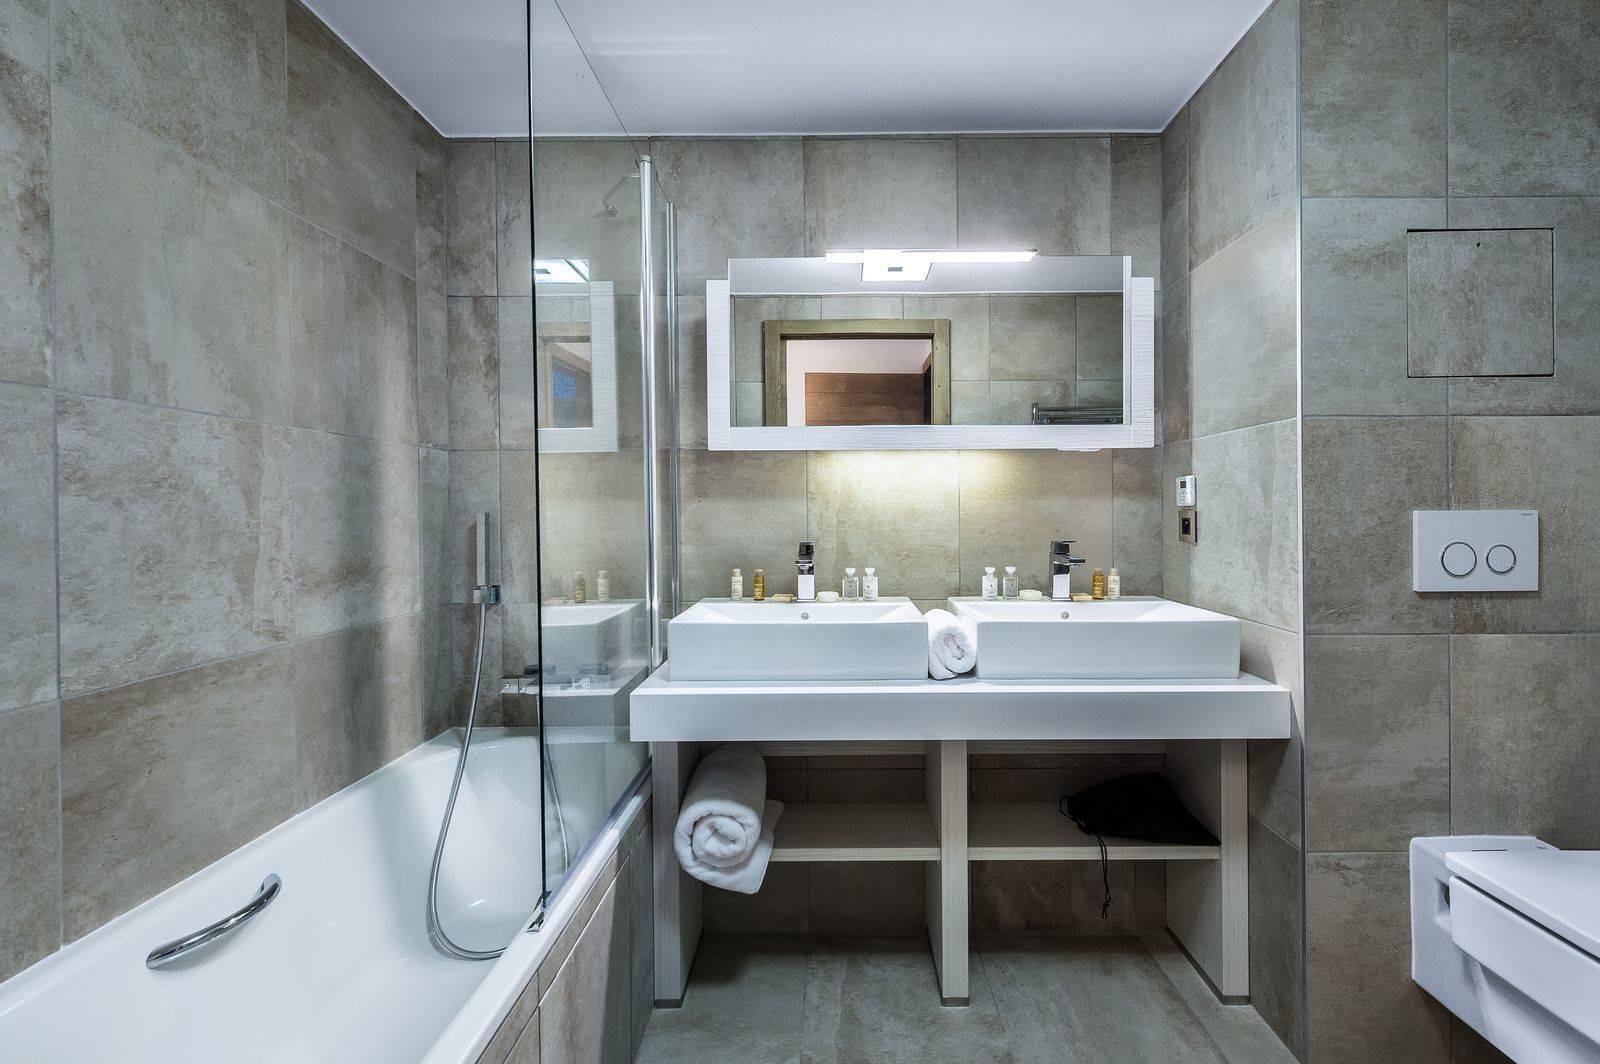 Courchevel 1550 Location Appartement Luxe Telokia Salle De Bain